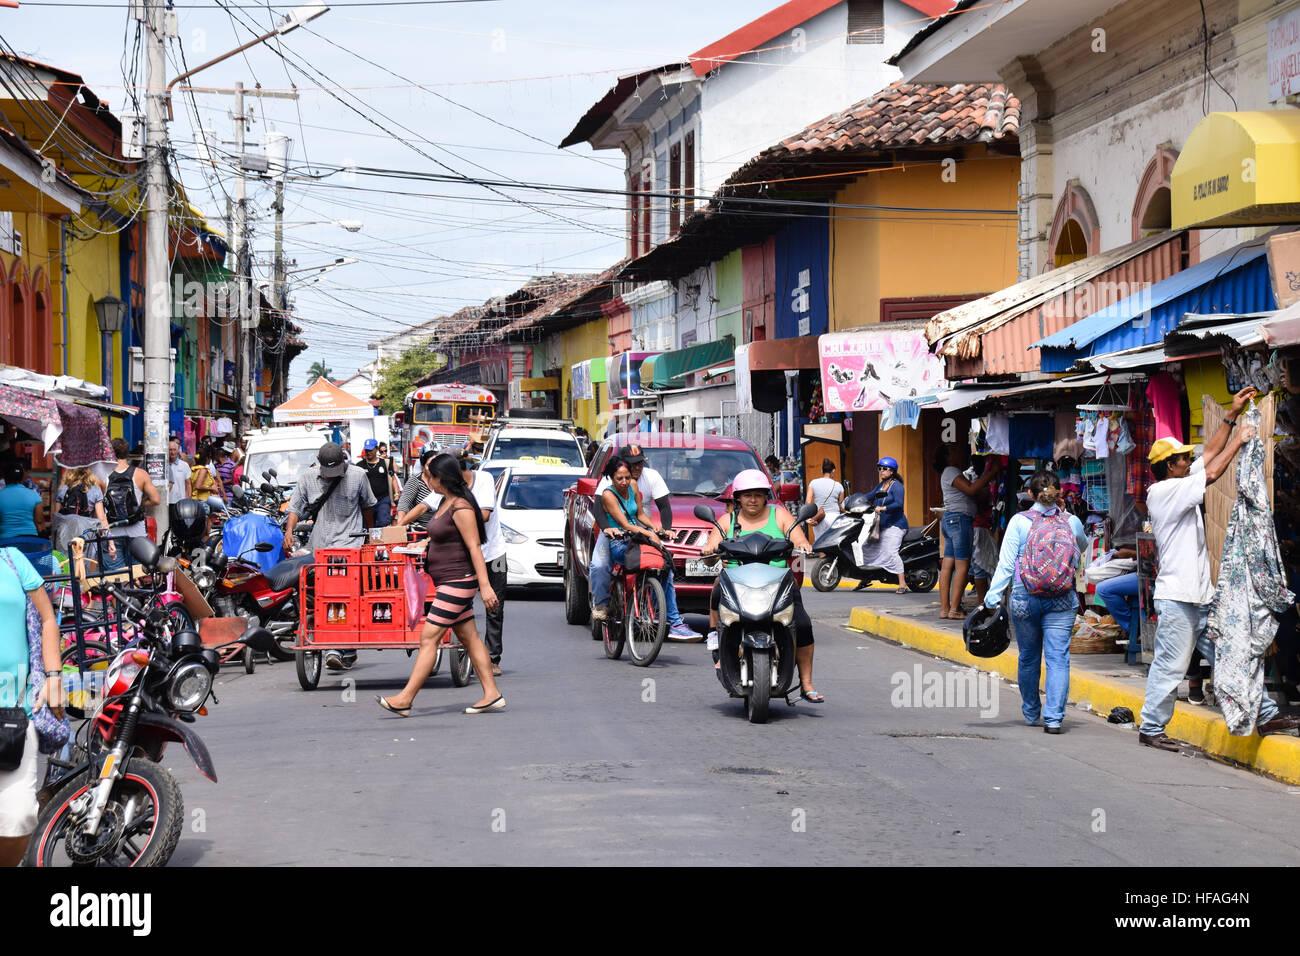 Busy street scene in Granada, Nicaragua Stock Photo